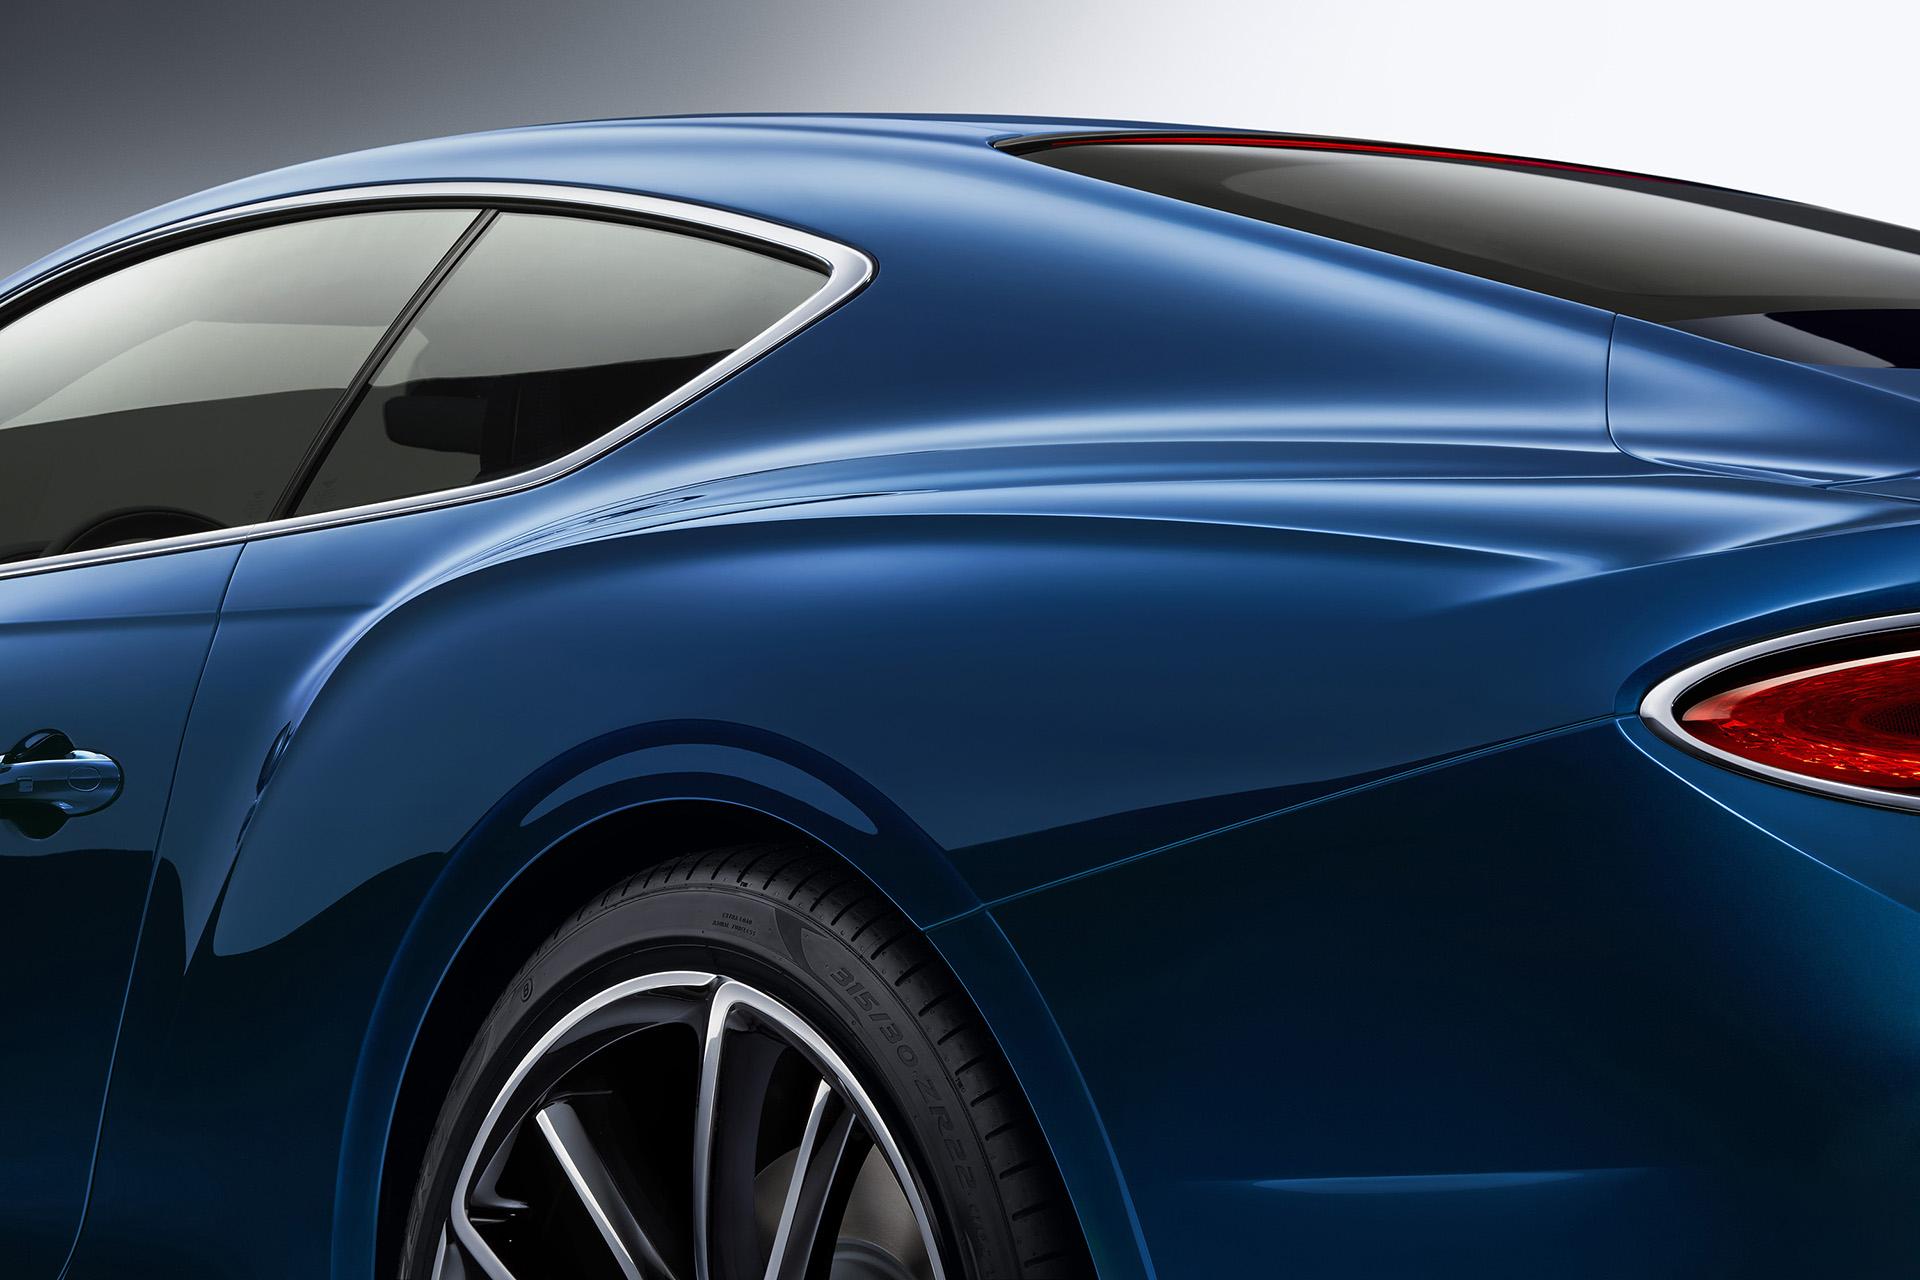 Bentley Continental GT задние крылья крыша и вид сбоку